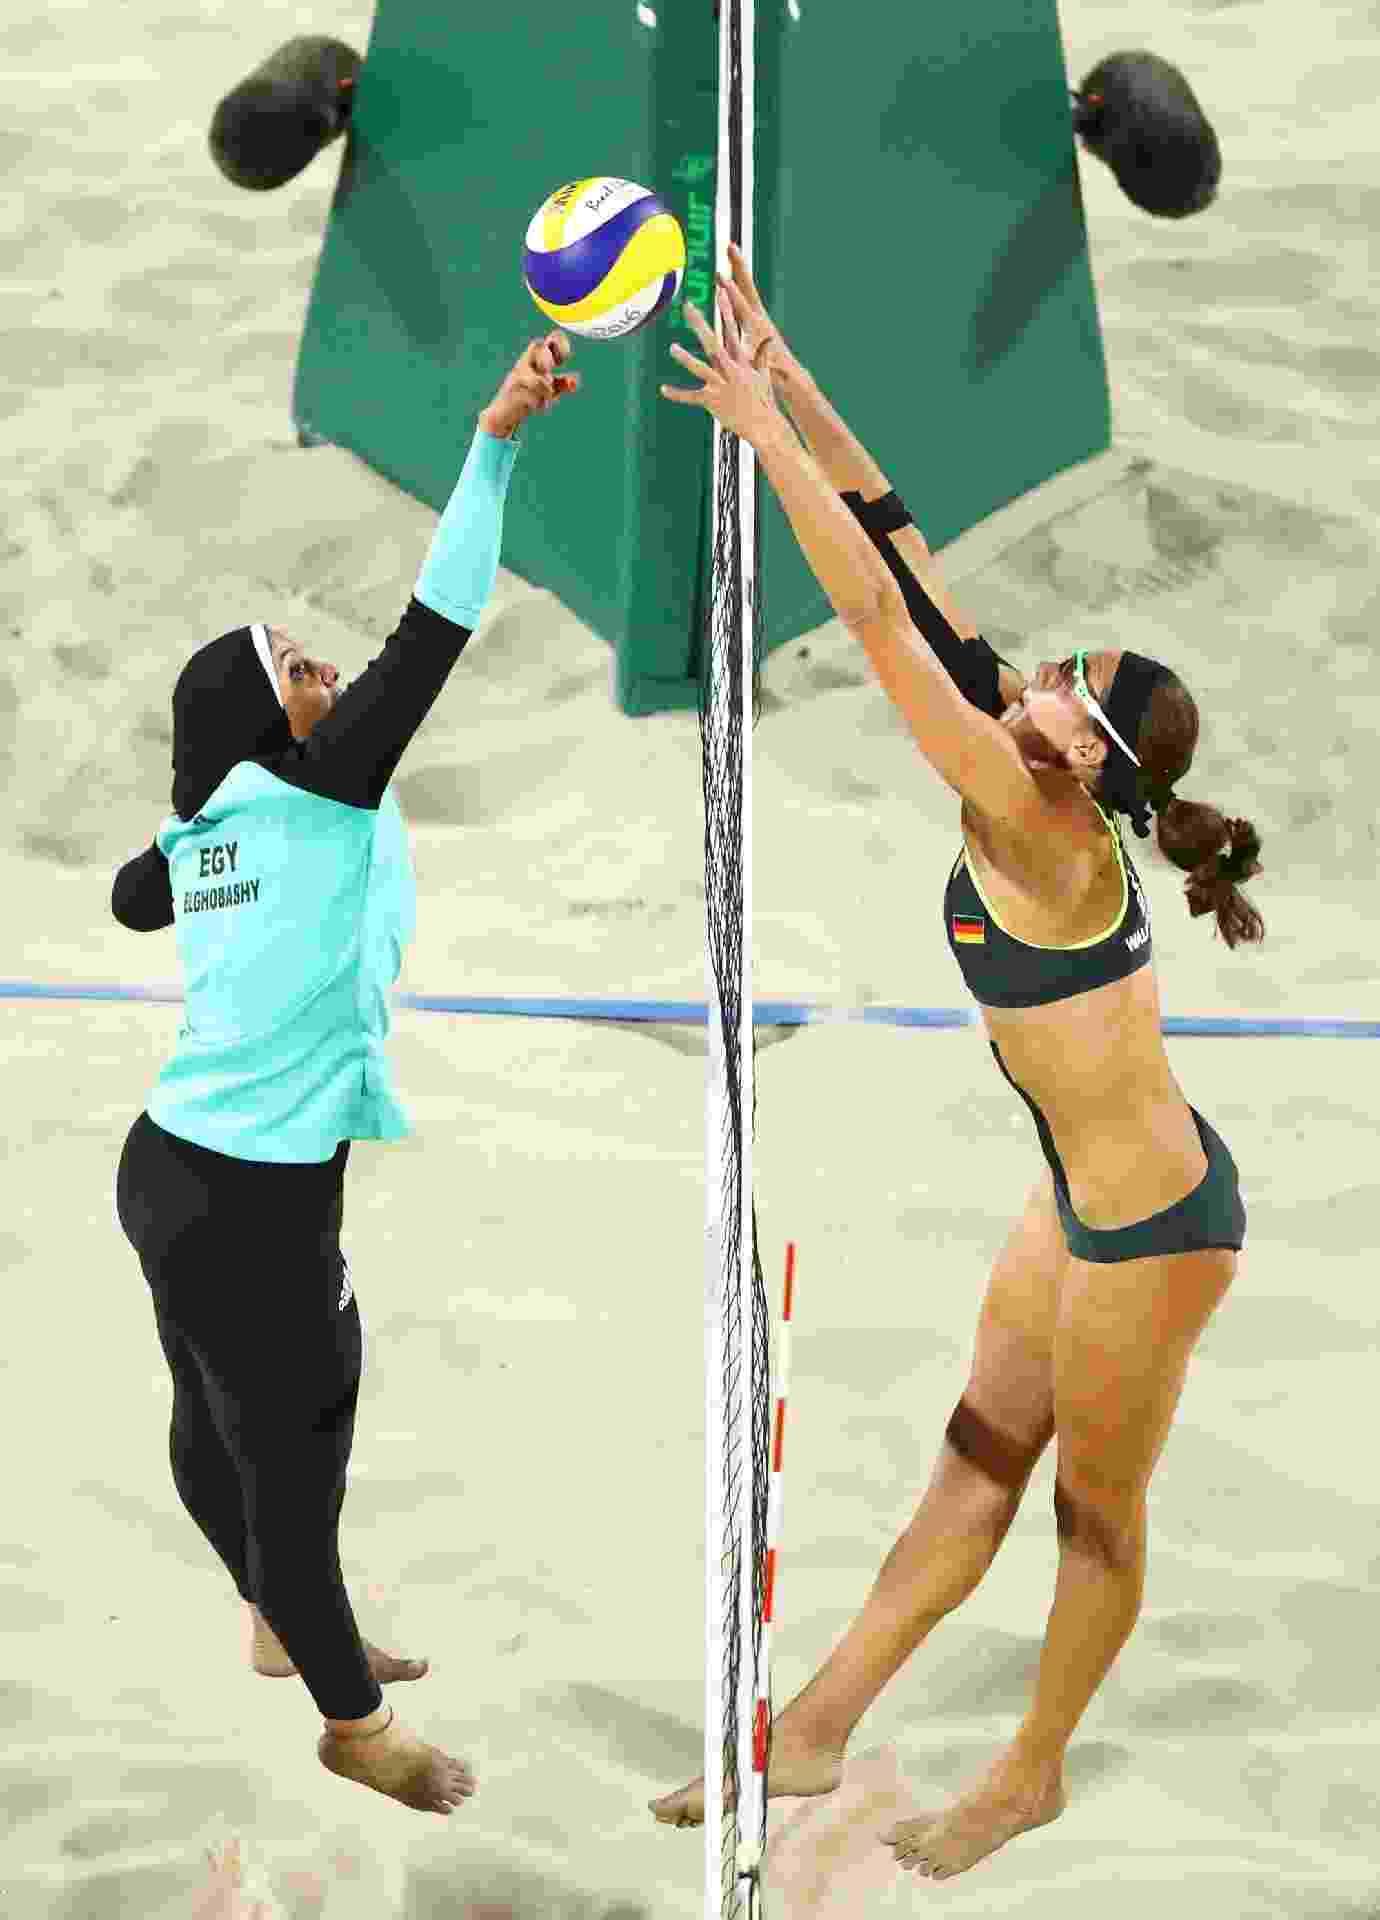 Fotos: 7/8: Imagens marcantes do dia na Rio-2016: olimpiadas.uol.com.br/album/2016/08/08/78-imagens-marcantes-do-dia...